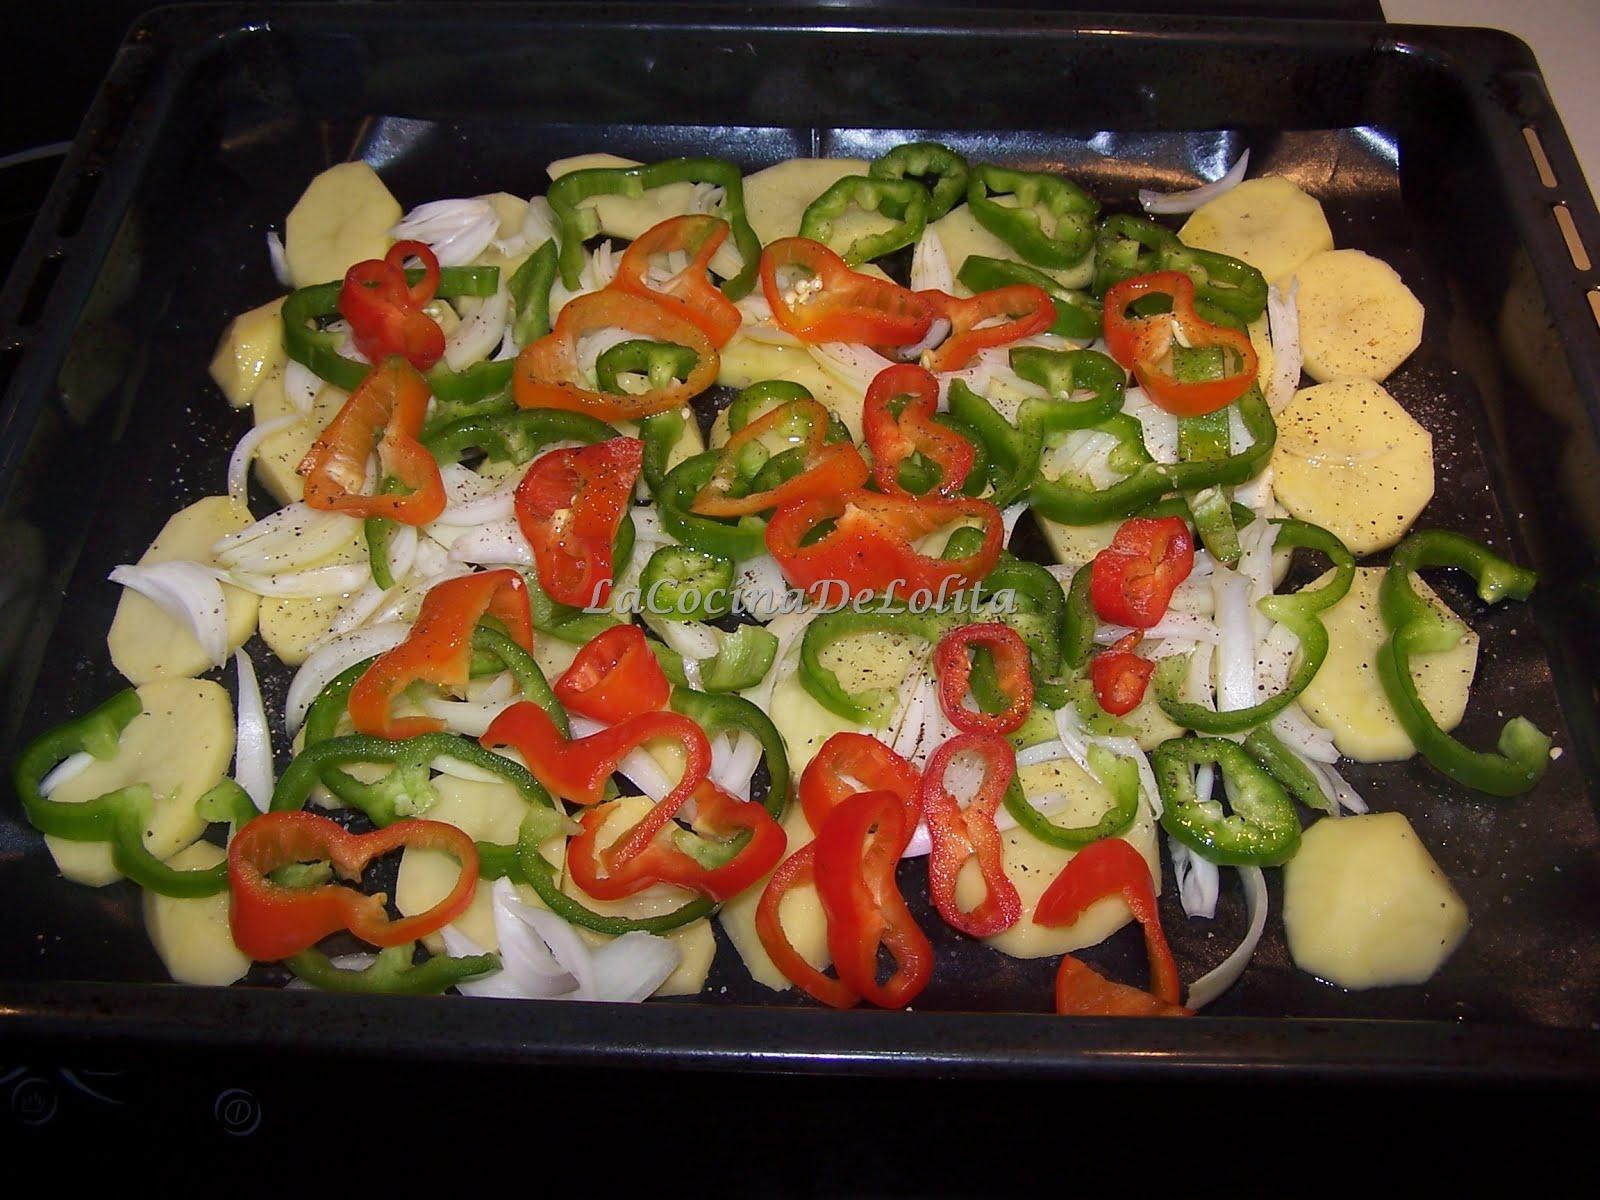 Chuletas de cordero al horno la cocina de lolita - Chuletas de cordero al horno con patatas ...